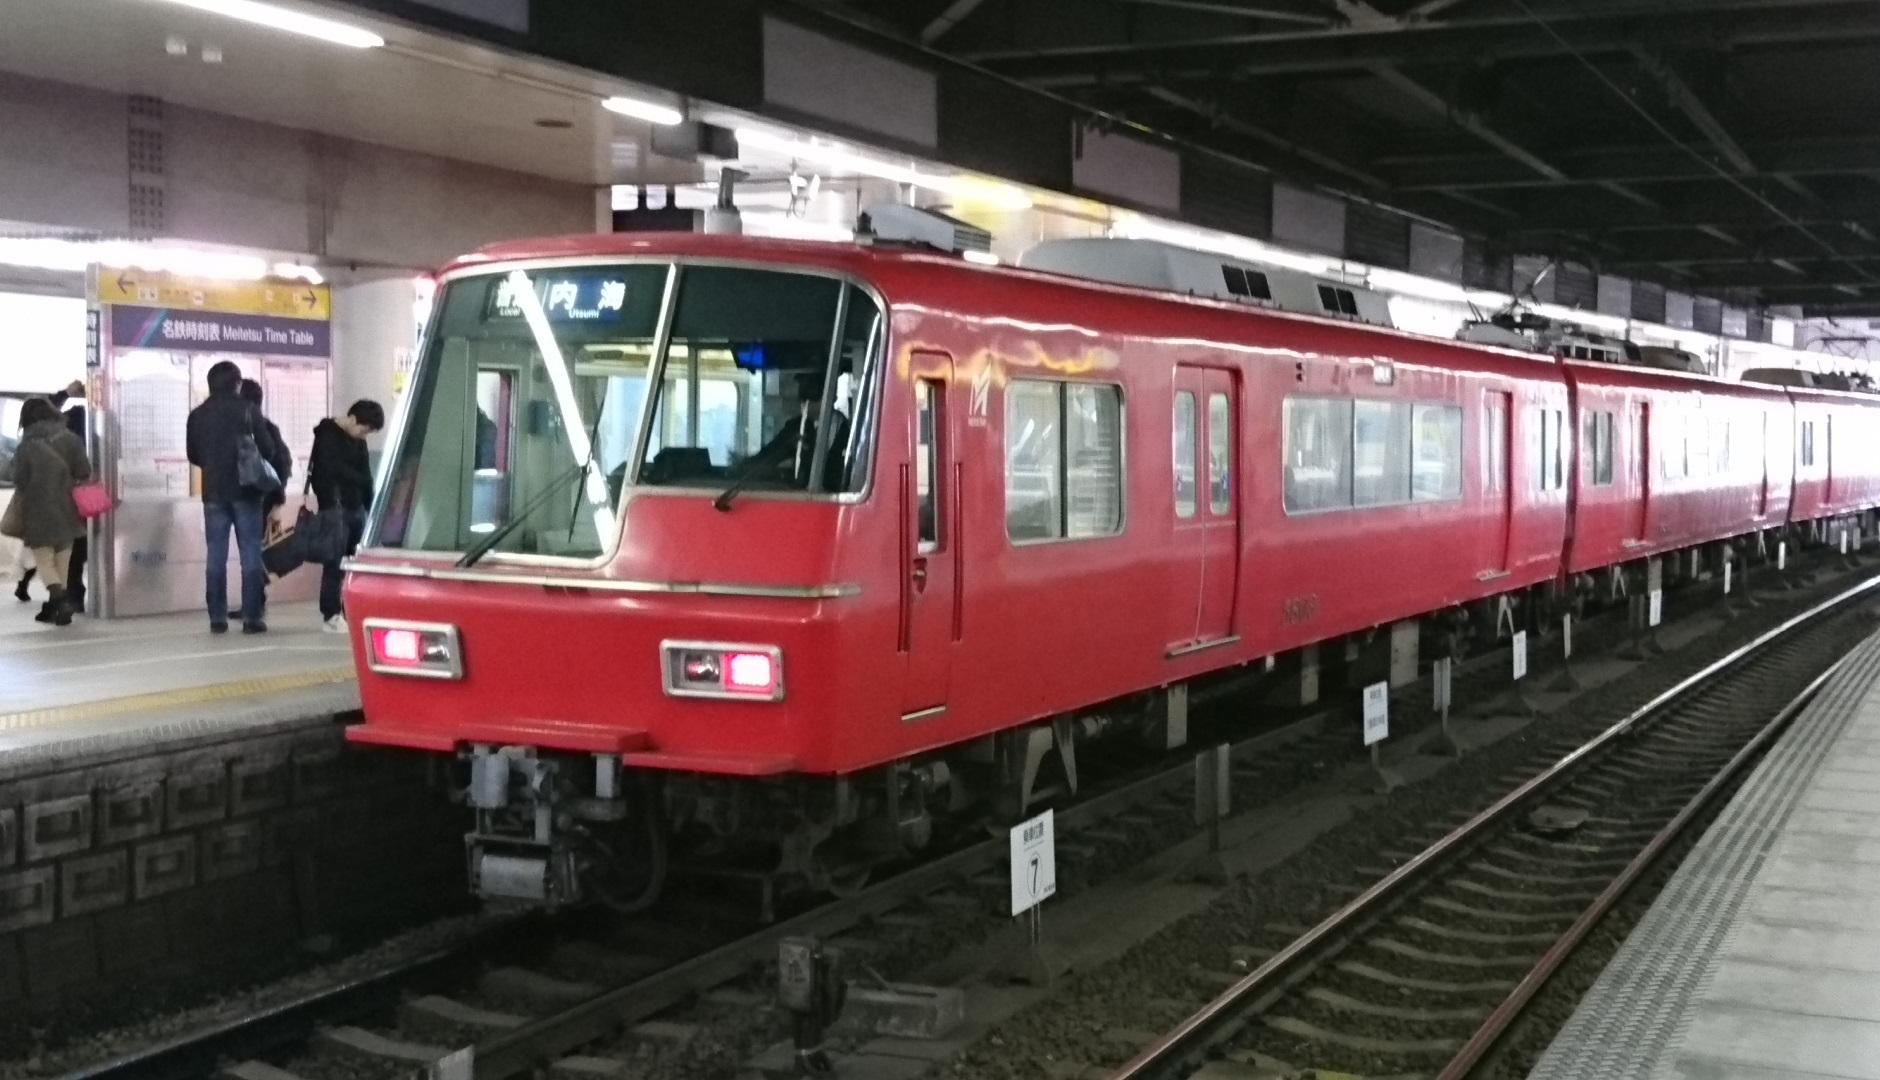 2016.12.10 名古屋本線 (30) 金山 - 内海いきふつう 1880-1080